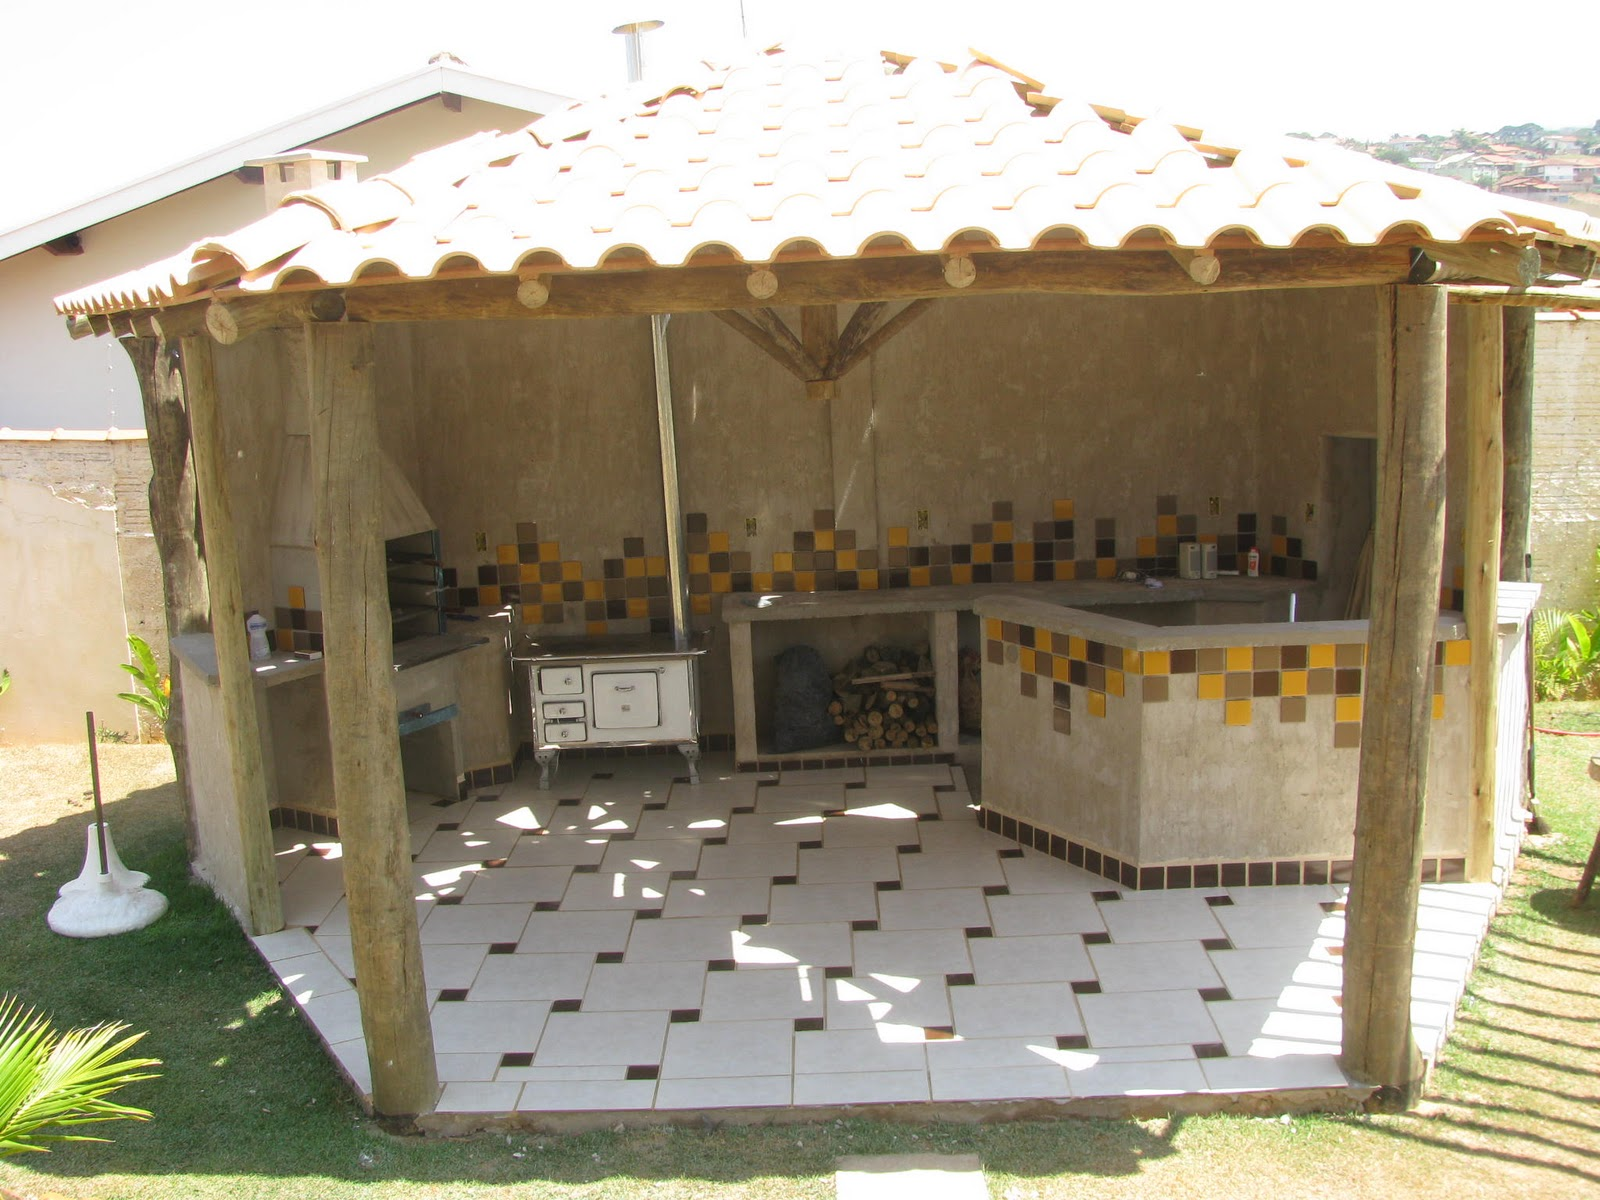 Projetos de quiosques com churrasqueiras grátis Decorando Casas #9E742D 1600 1200